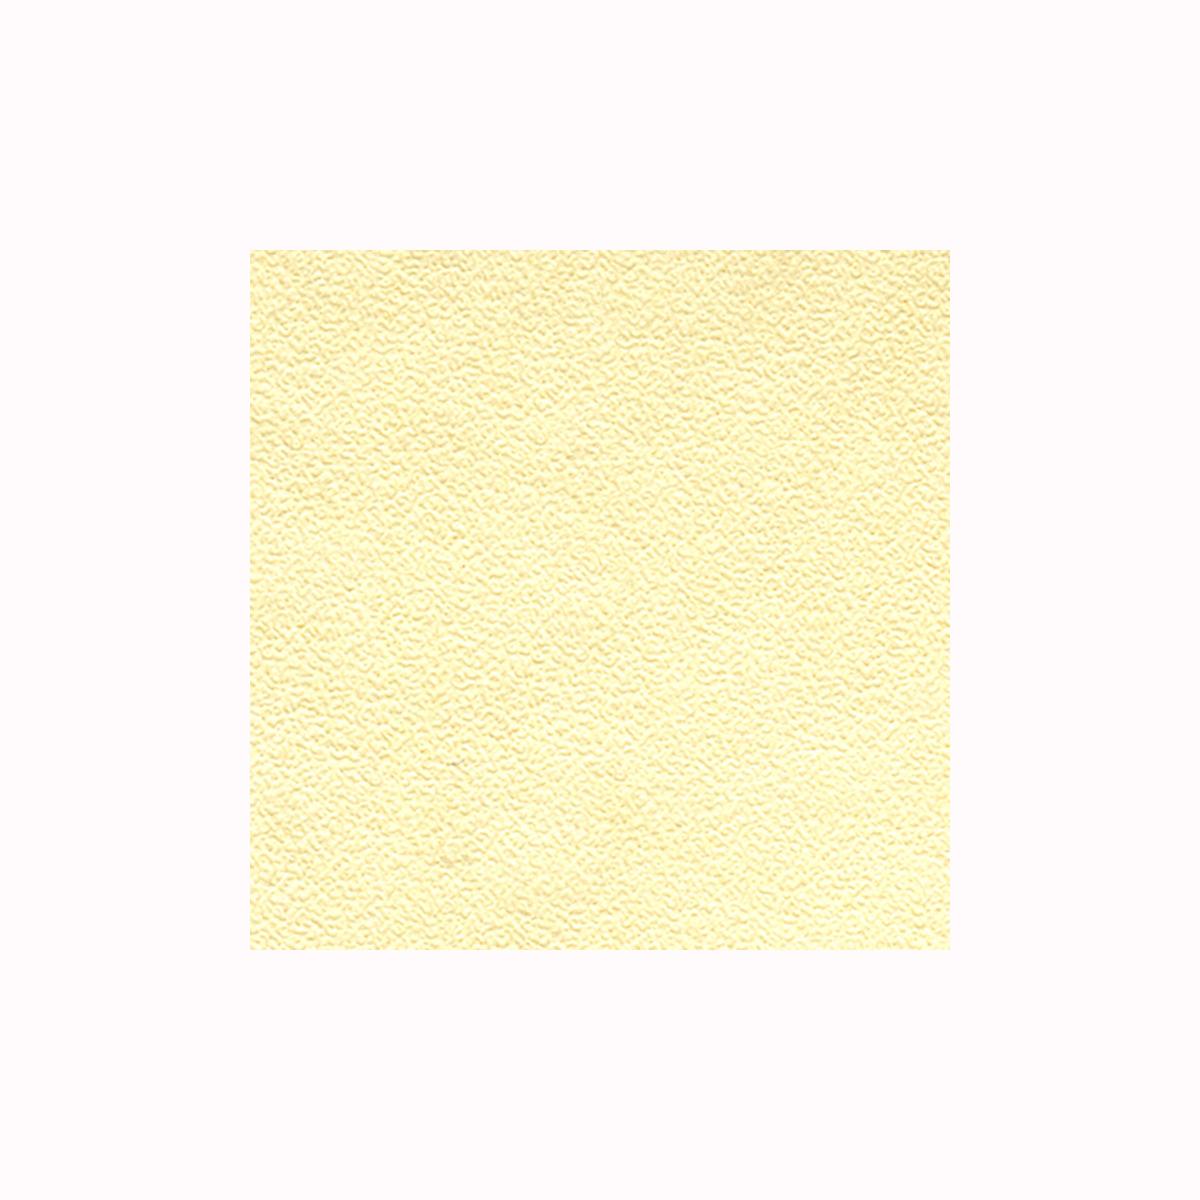 Бумага фактурная Лоза Яичная скорлупа, цвет: слоновая кость, 3 листа582218Фактурная бумага для скрапбукинга Лоза Яичная скорлупа позволит создать красивый альбом, фоторамку или открытку ручной работы, оформить подарок или аппликацию. Набор включает в себя 3 листа из плотной бумаги.Скрапбукинг - это хобби, которое способно приносить массу приятных эмоций не только человеку, который этим занимается, но и его близким, друзьям, родным. Это невероятно увлекательное занятие, которое поможет вам сохранить наиболее памятные и яркие моменты вашей жизни, а также интересно оформить интерьер дома.